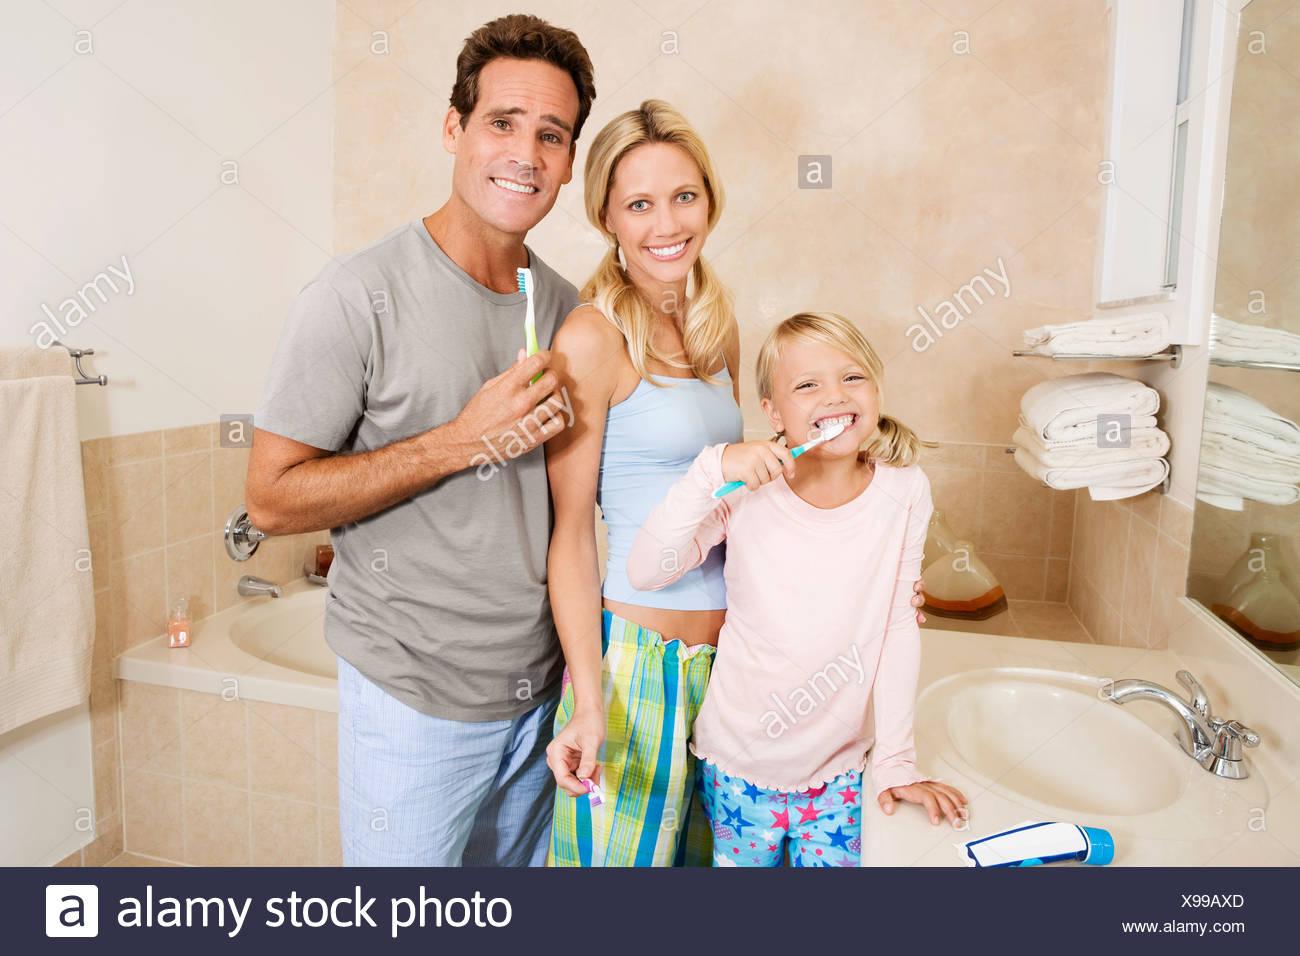 Salle De Bain Famille famille se brosser les dents dans la salle de bains banque d